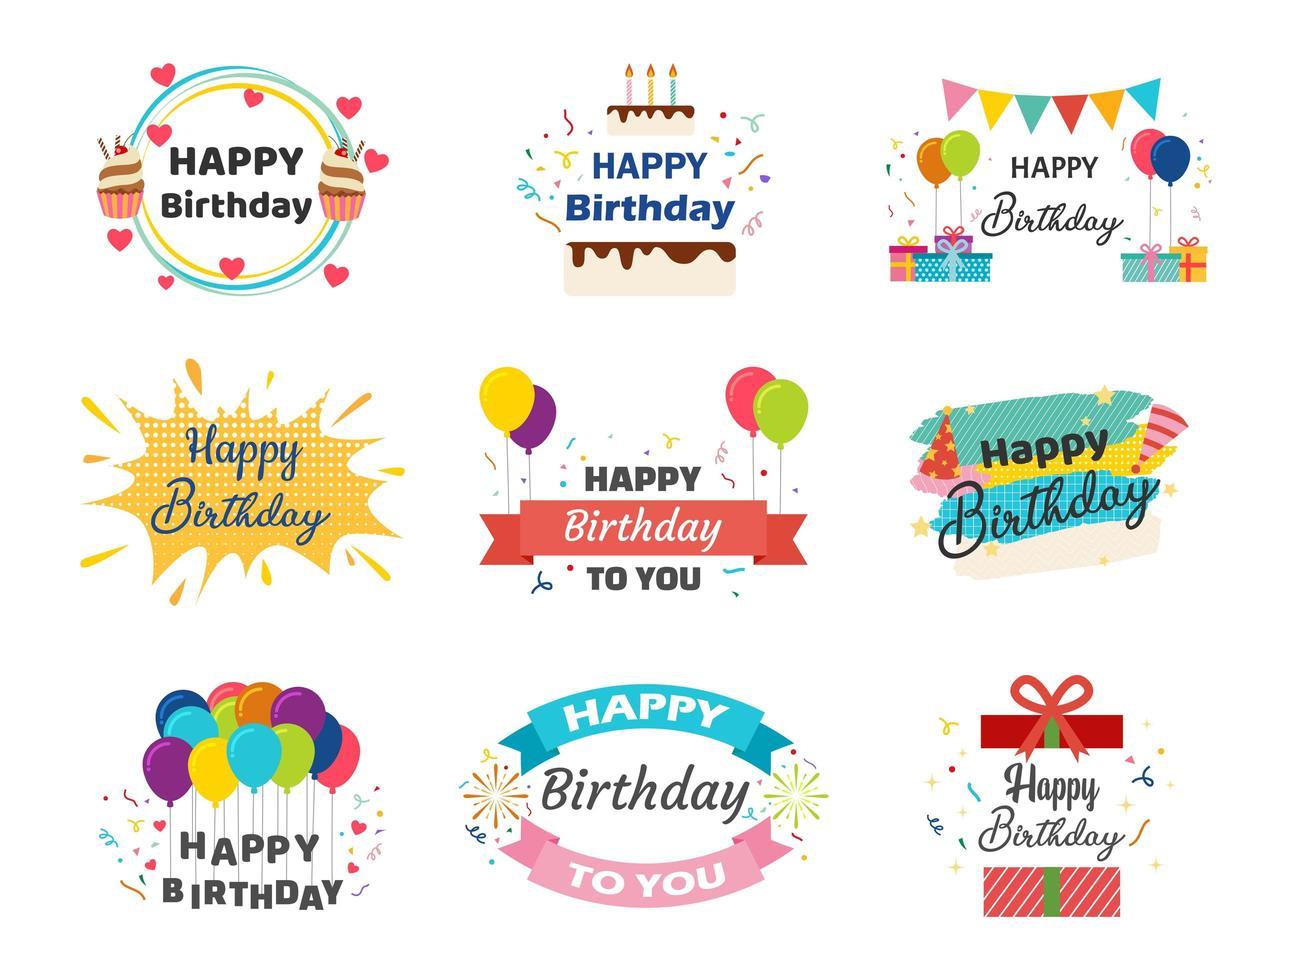 verzameling van gelukkige verjaardag banners vector